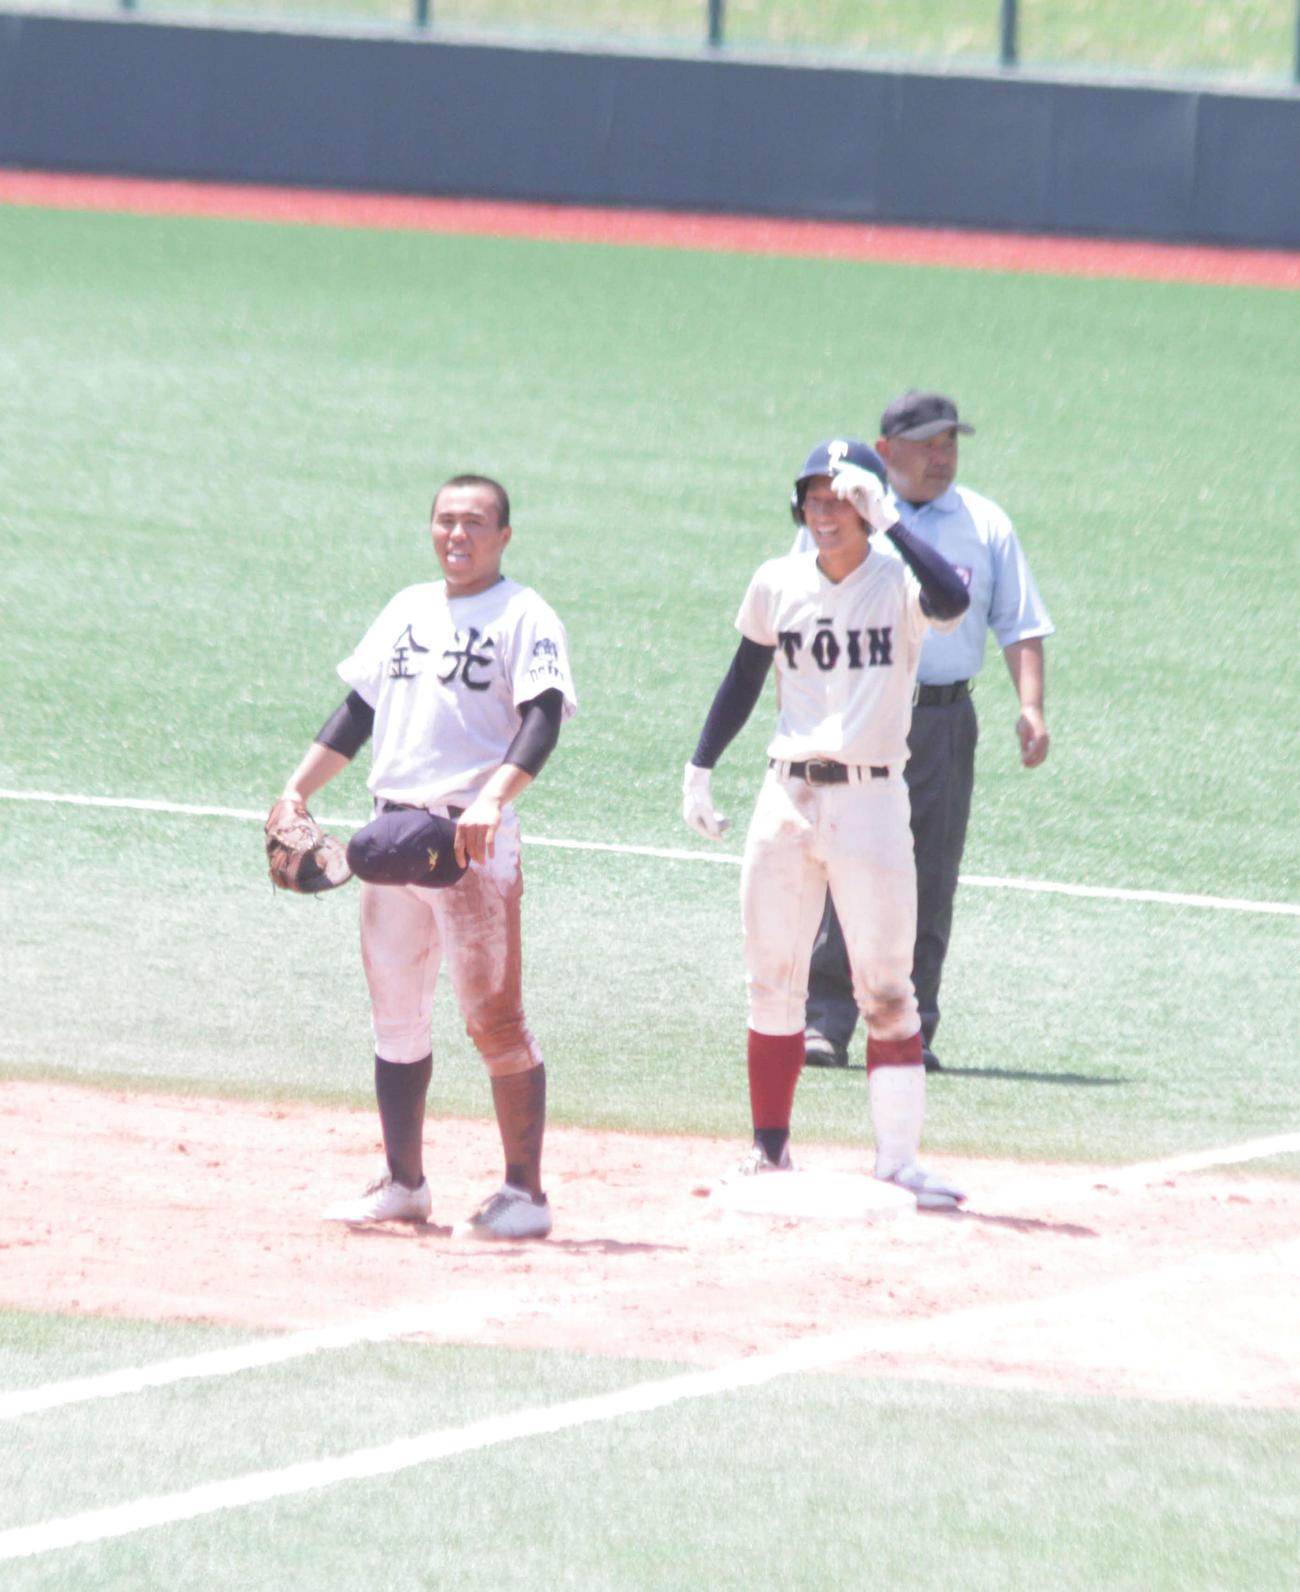 大阪桐蔭の松尾汐恩捕手は8回、中前に同点適時打を放って一塁ベース上で明るい表情